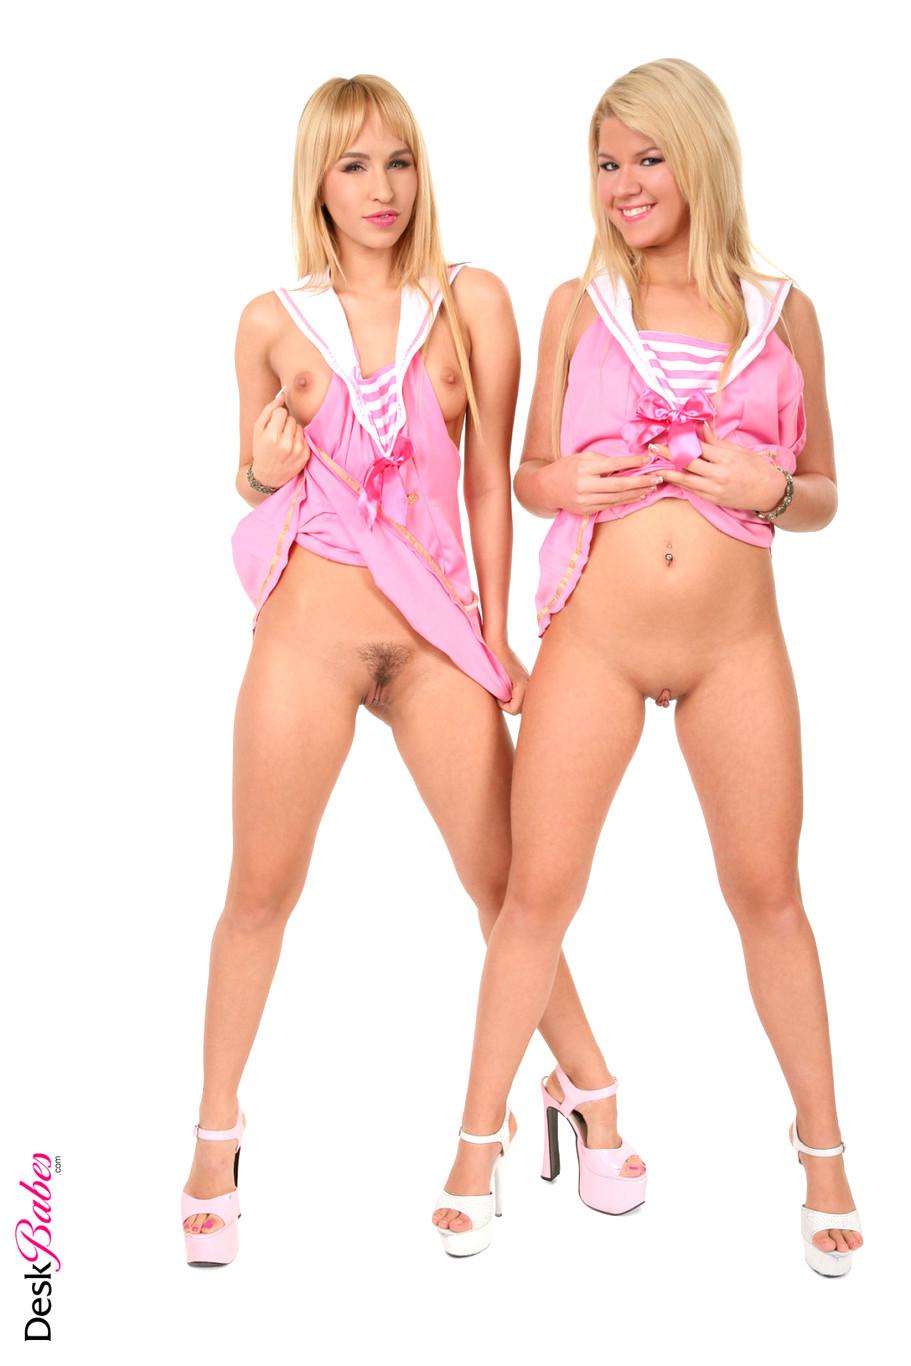 zorah-white-nude-european-black-porn